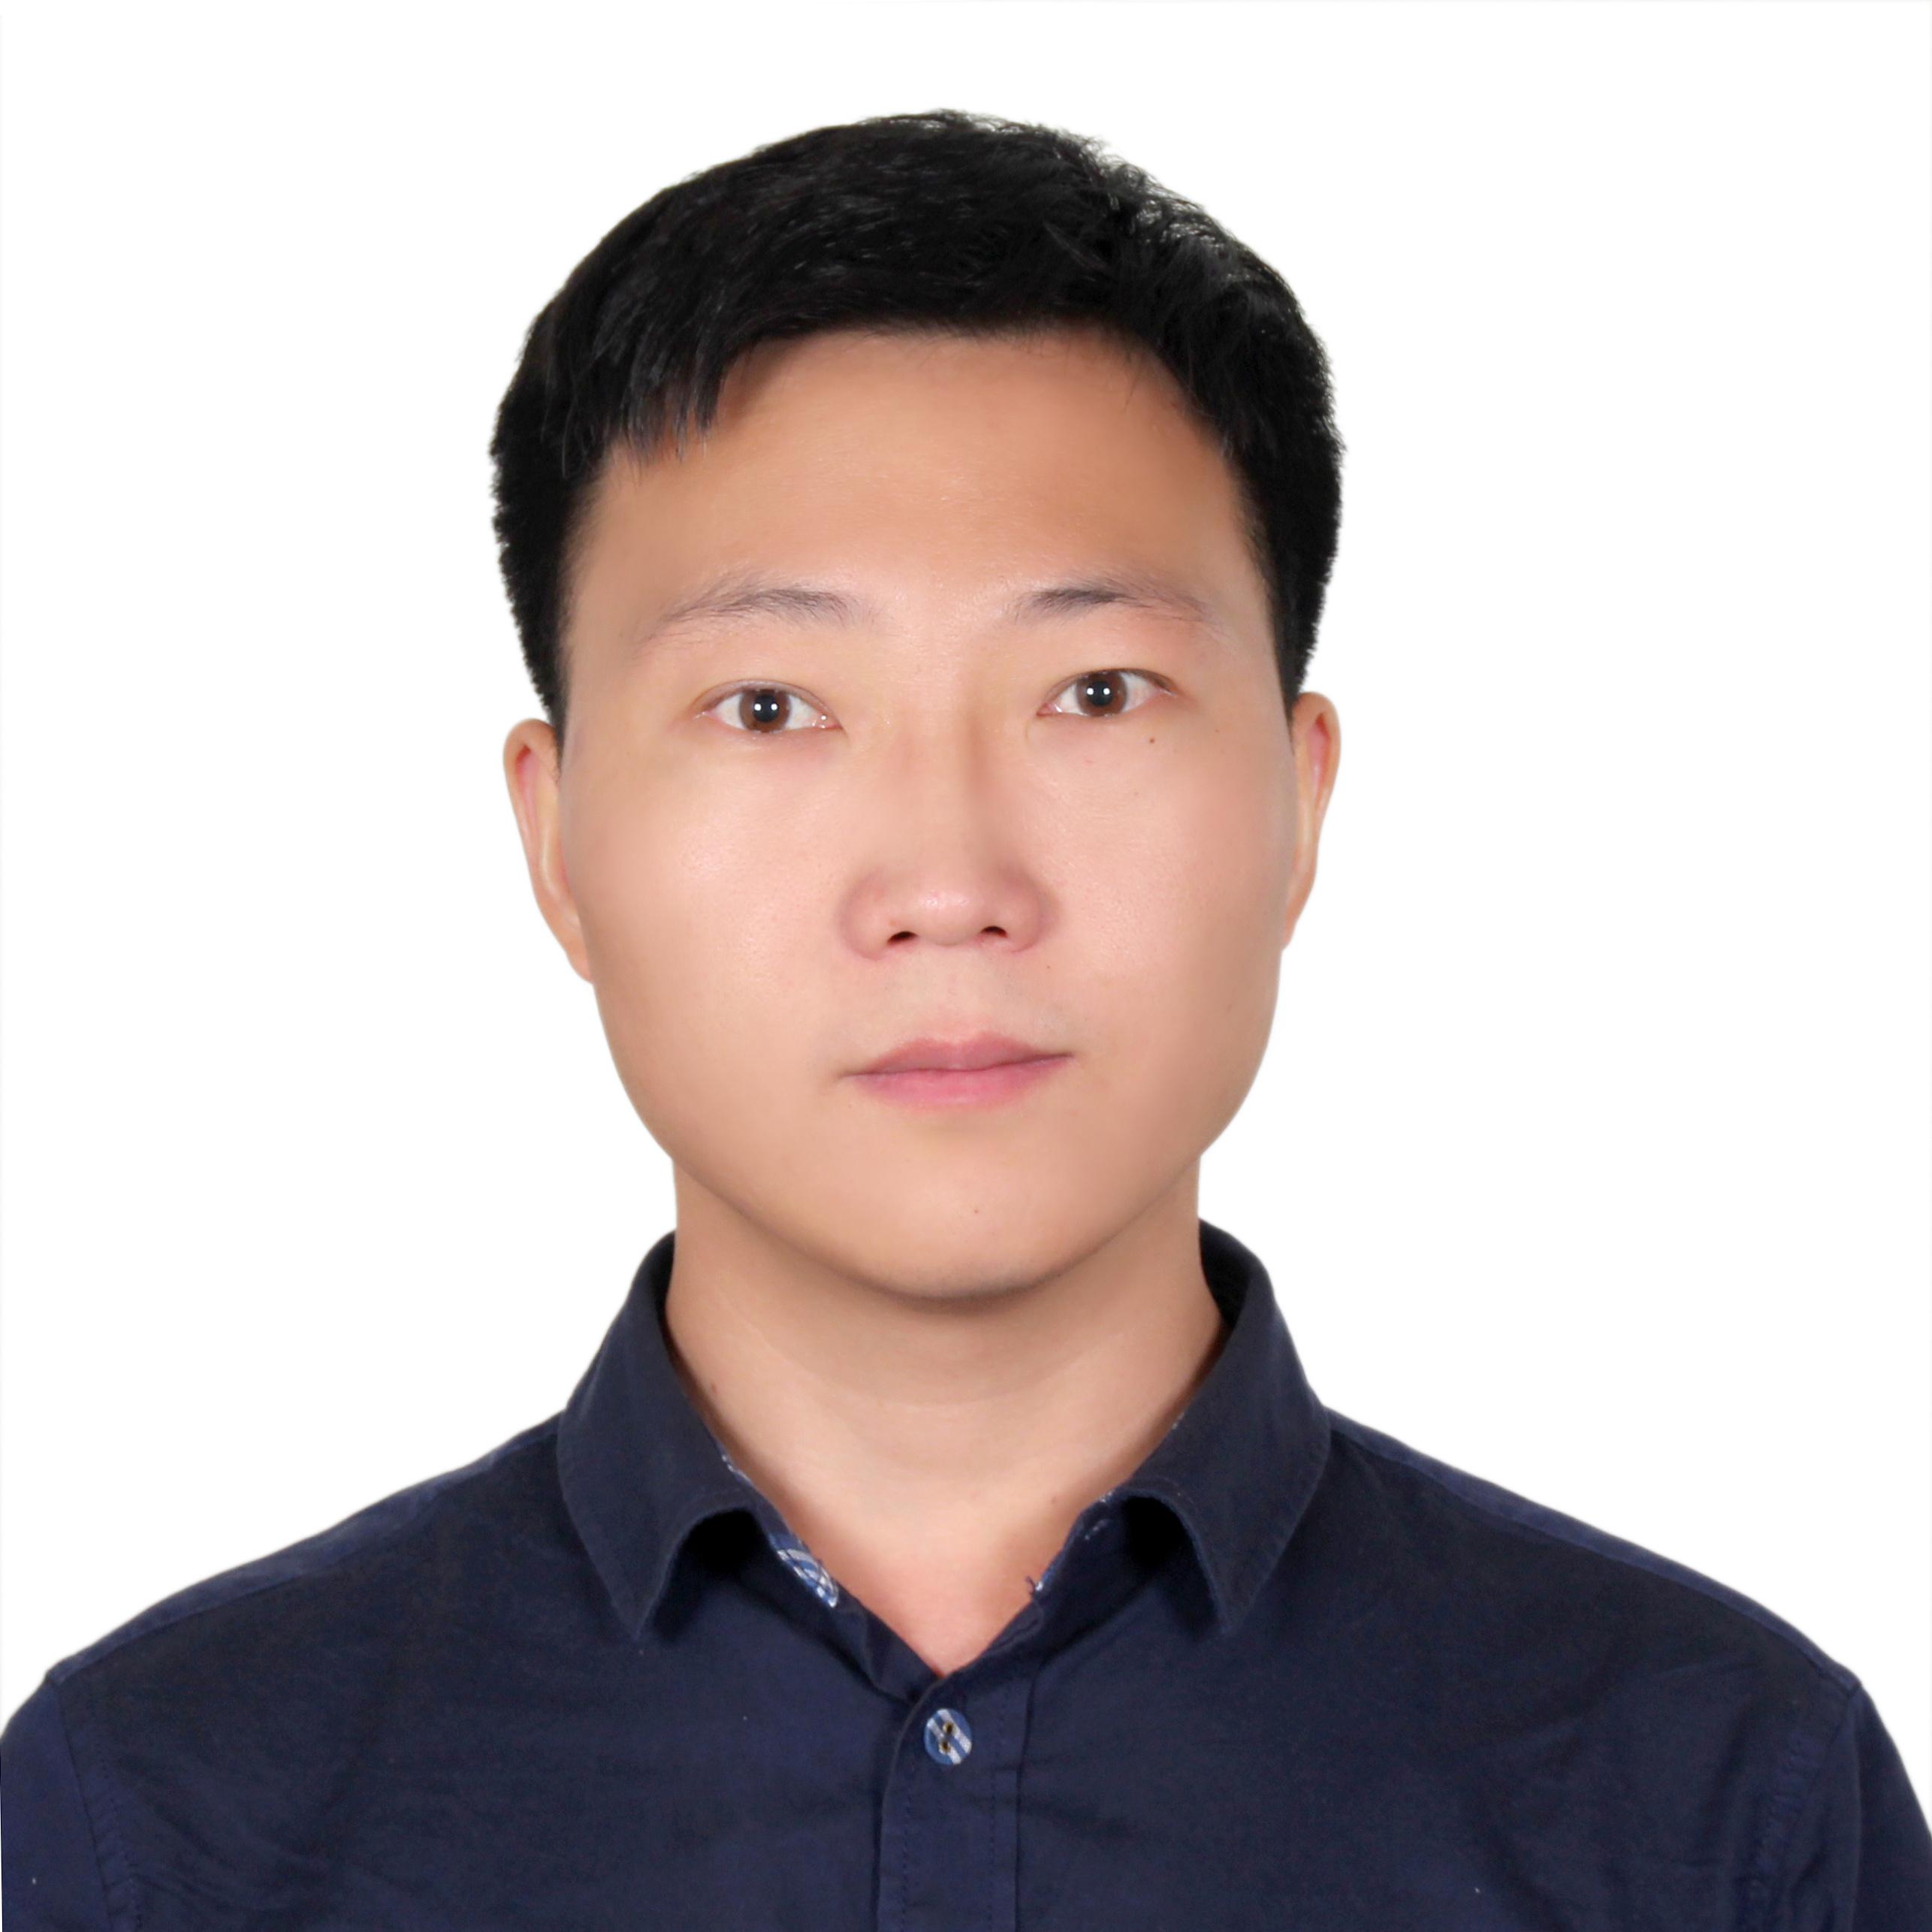 朱超飞,博士,中国科学院生态环境研究中心毕业,环境科学专业,就职于国家环境分析测试中心,从事于持久性有机污染物分析方法学和环境行为学的研究,目前主要关注高分辨质谱在环境中非靶标筛查方面的应用。